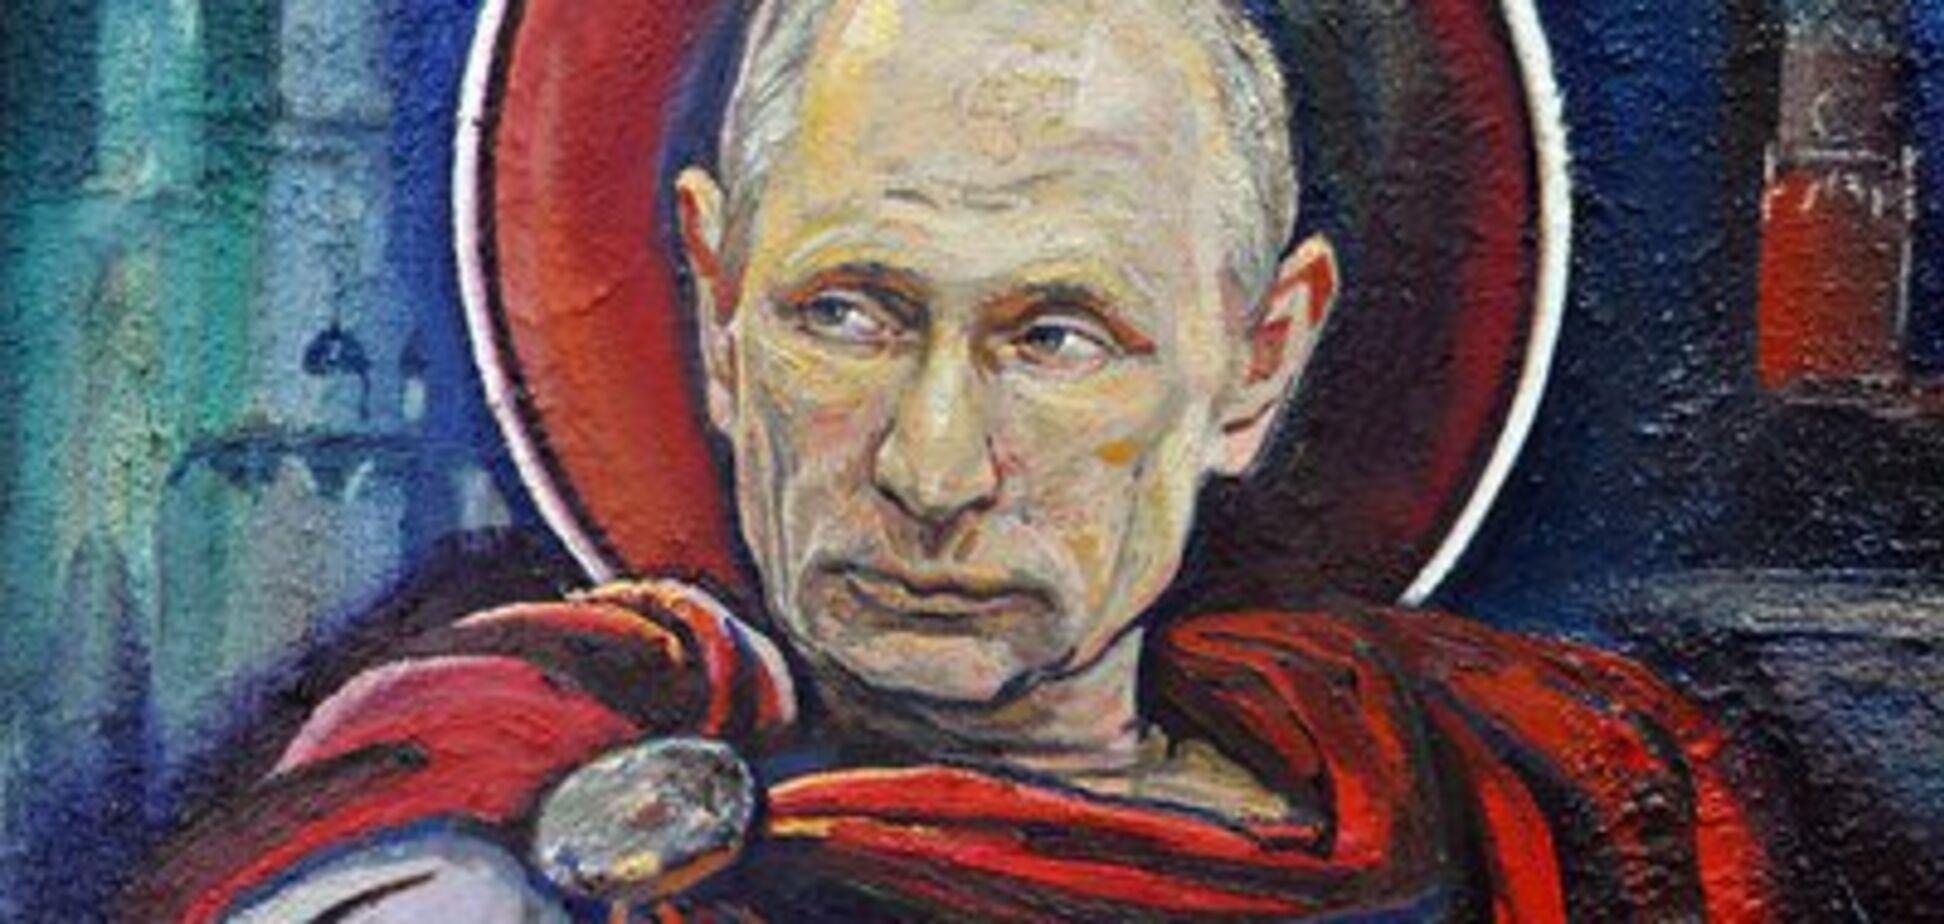 Ядовитые времена, или В России все чудесатее и чудесатее